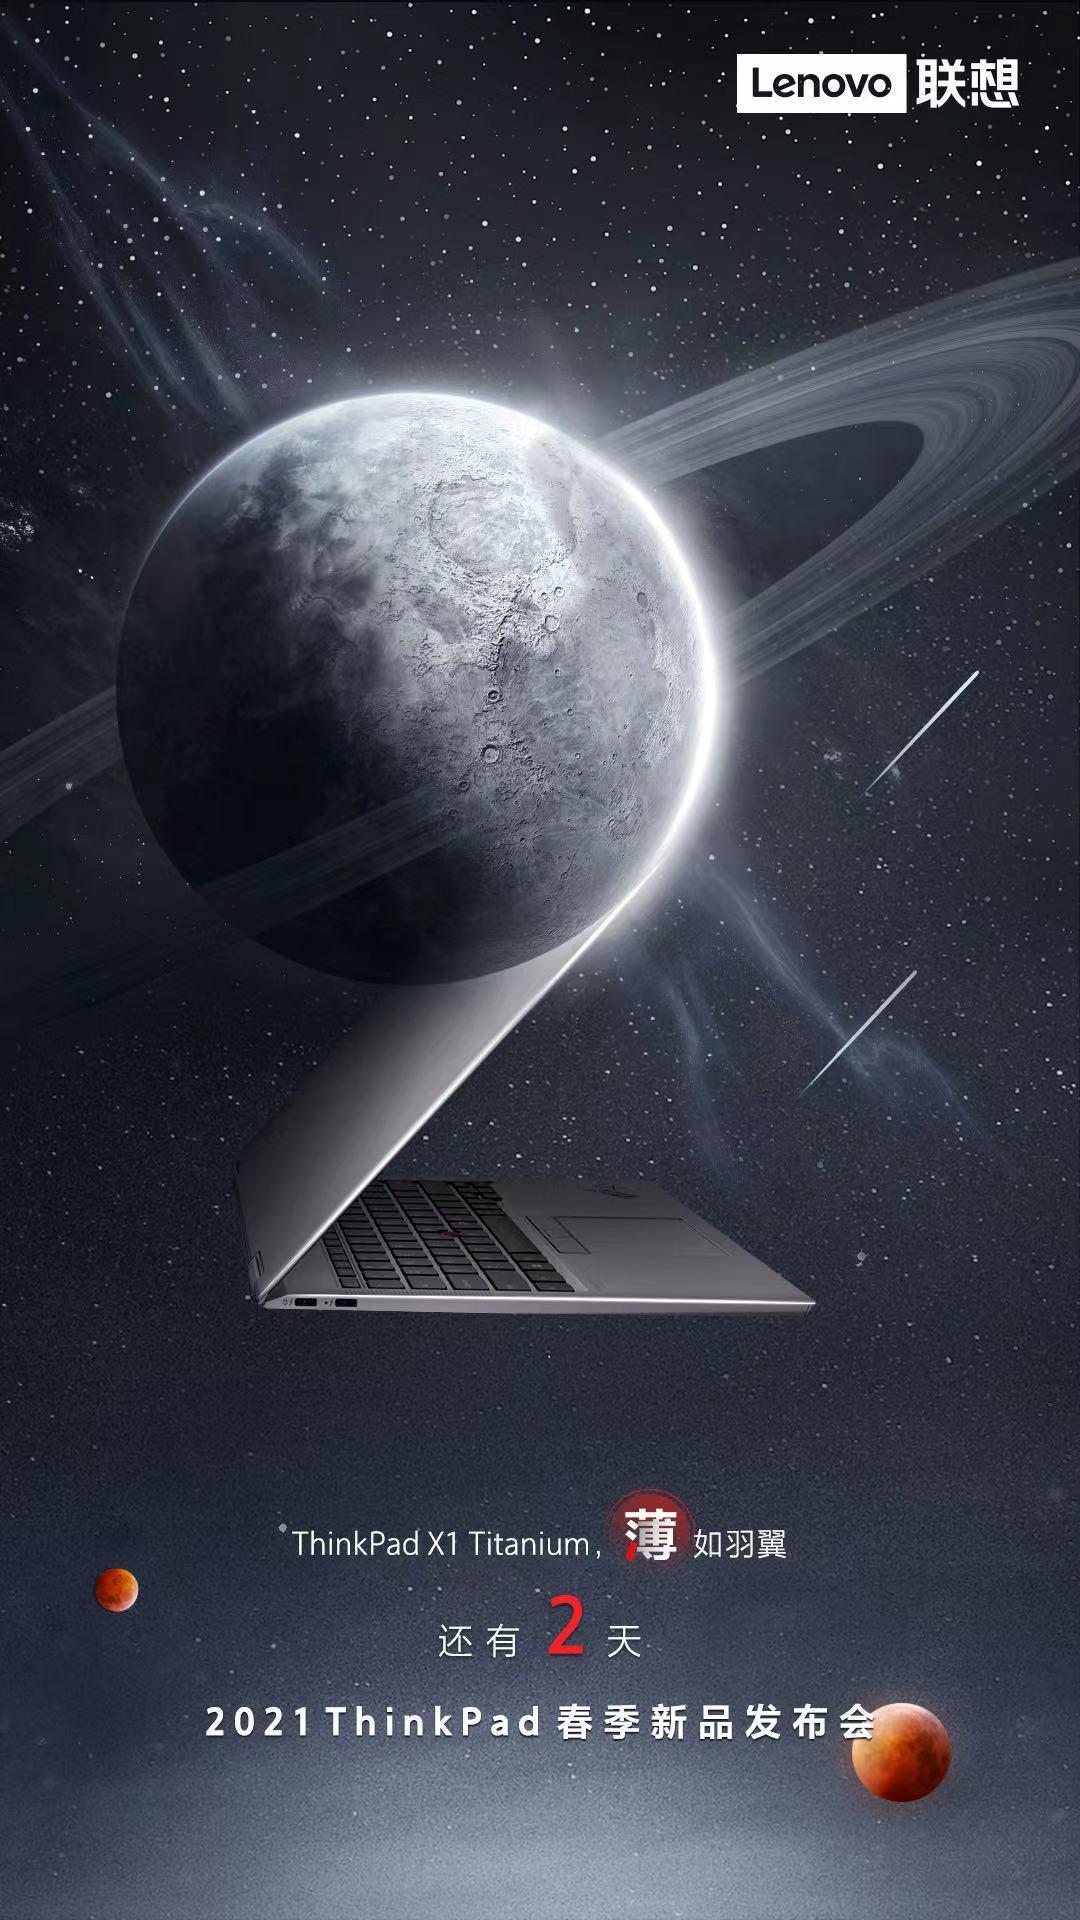 薄如羽翼,ThinkPad X1 Titanium 国行即将发布